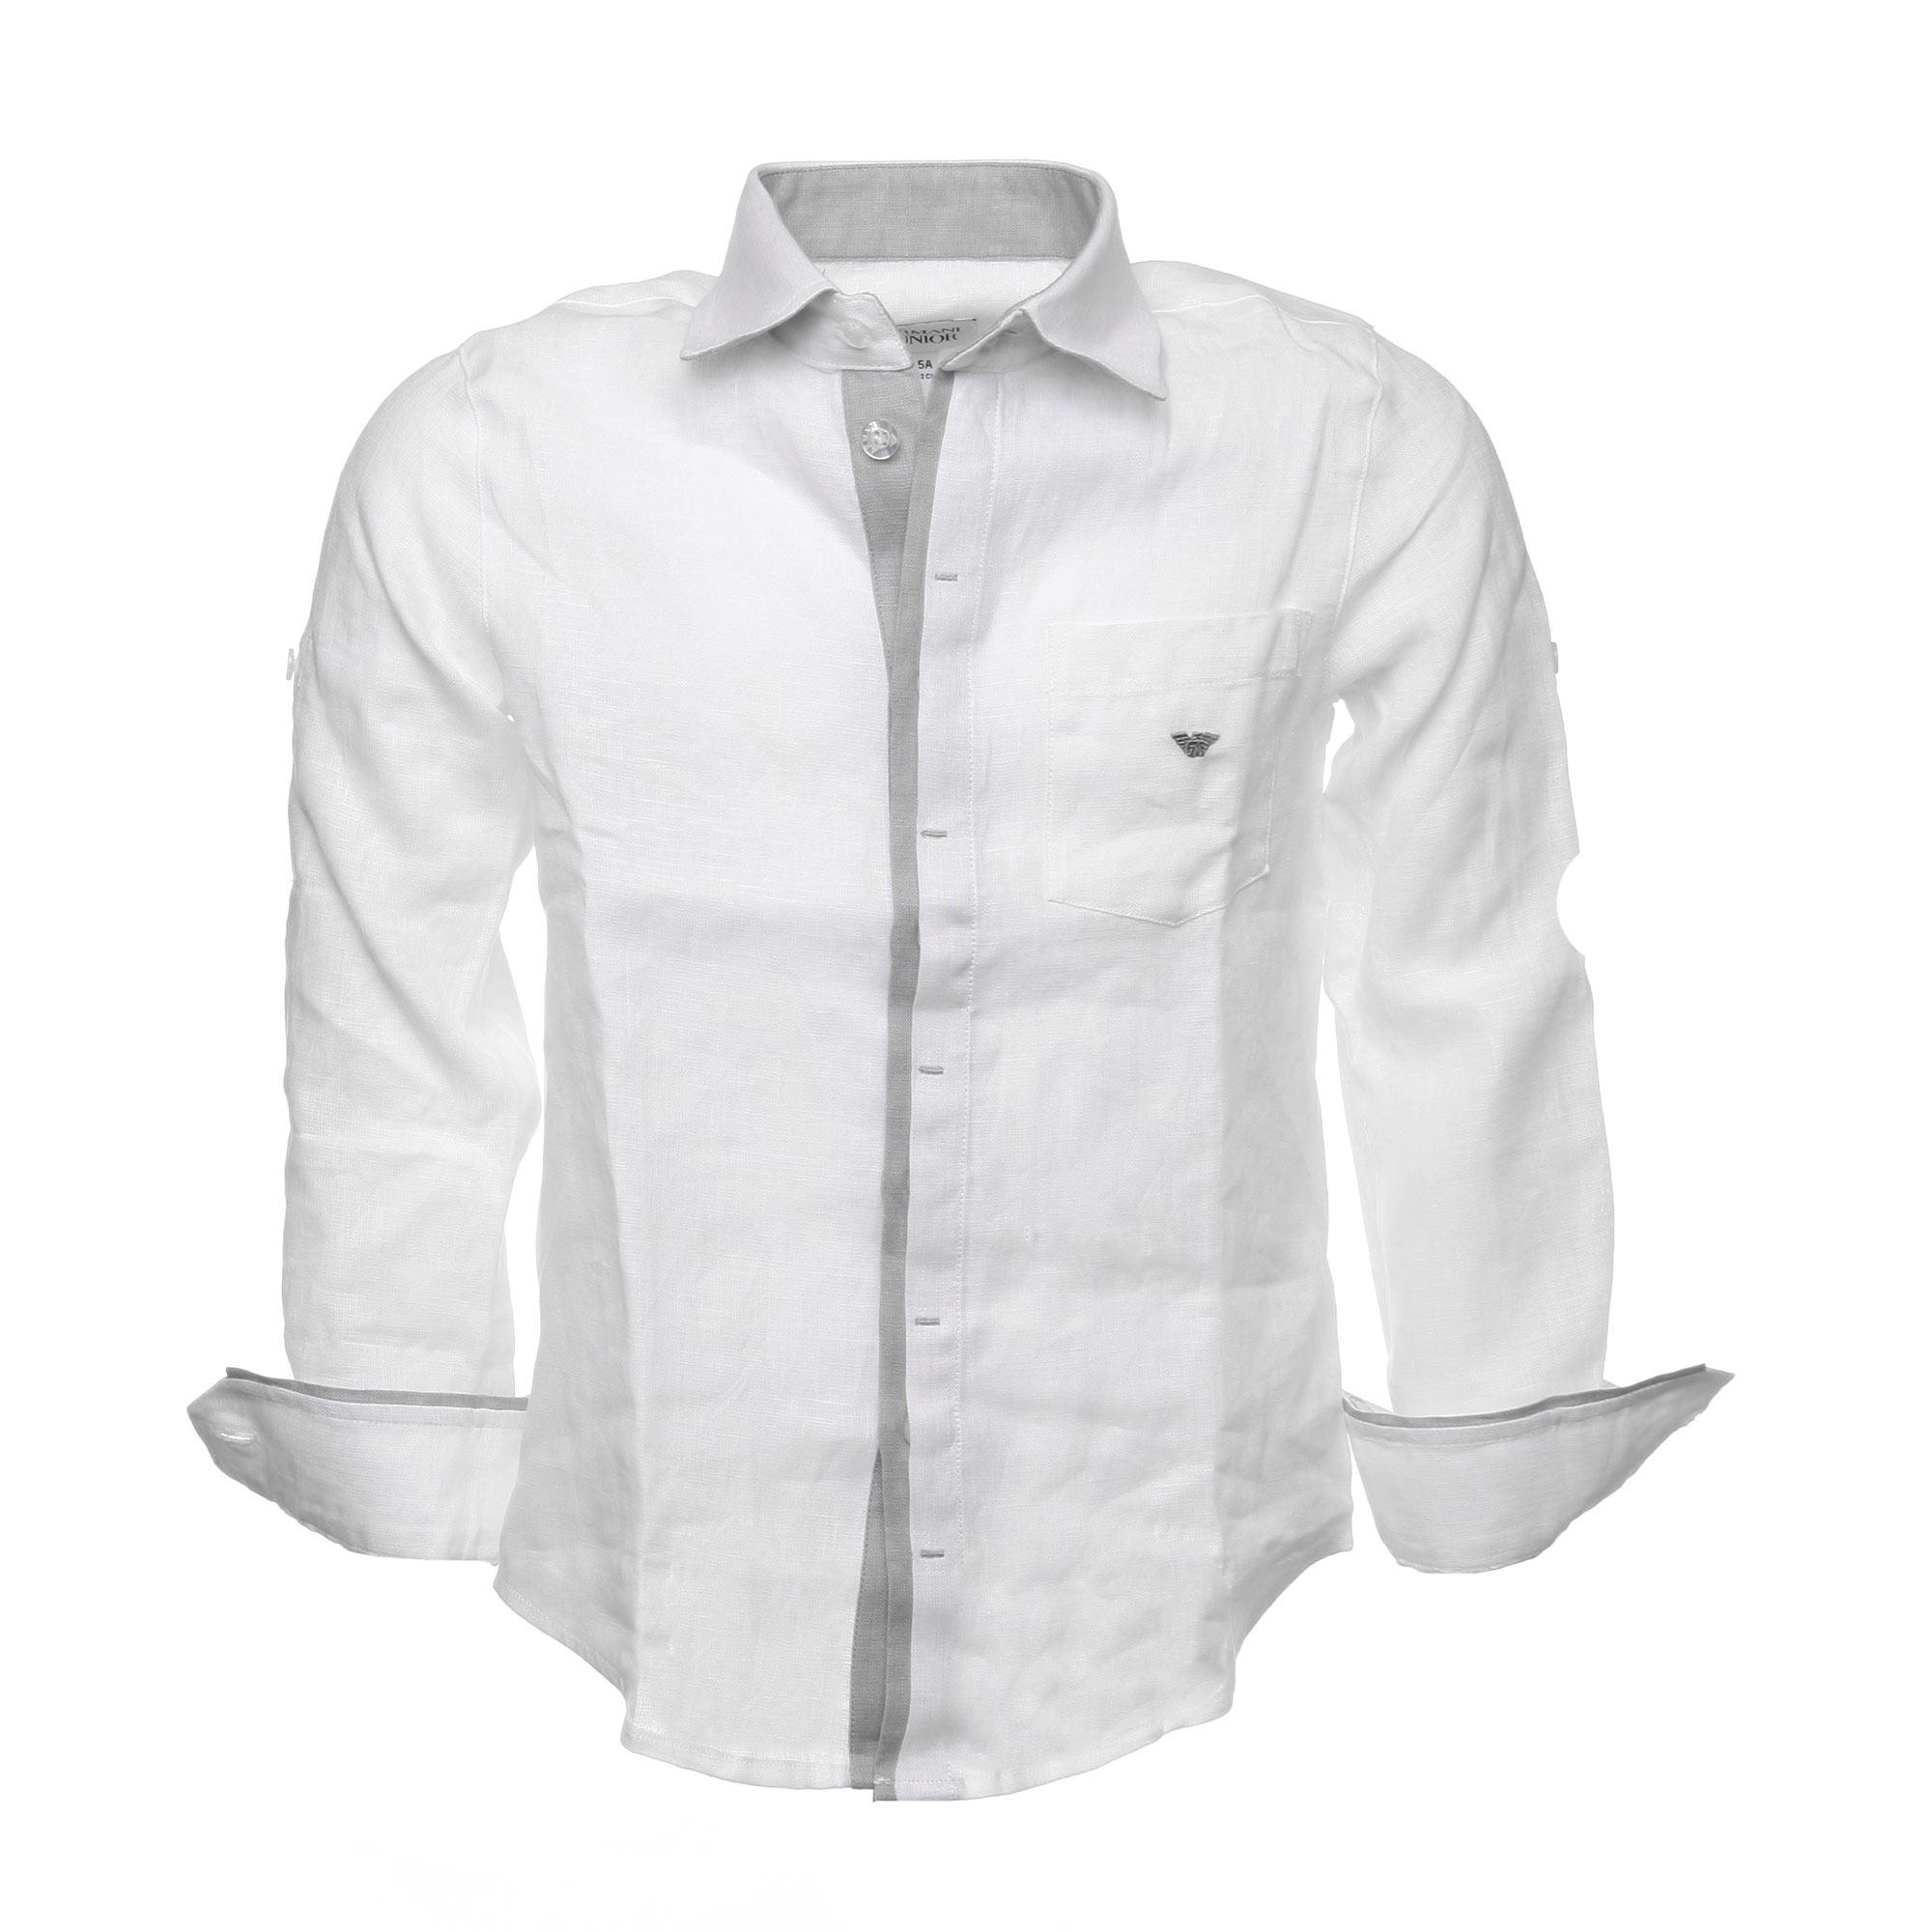 cheaper f7c4d afa87 Camicia Bianca In Lino Con Inserti In Grigio